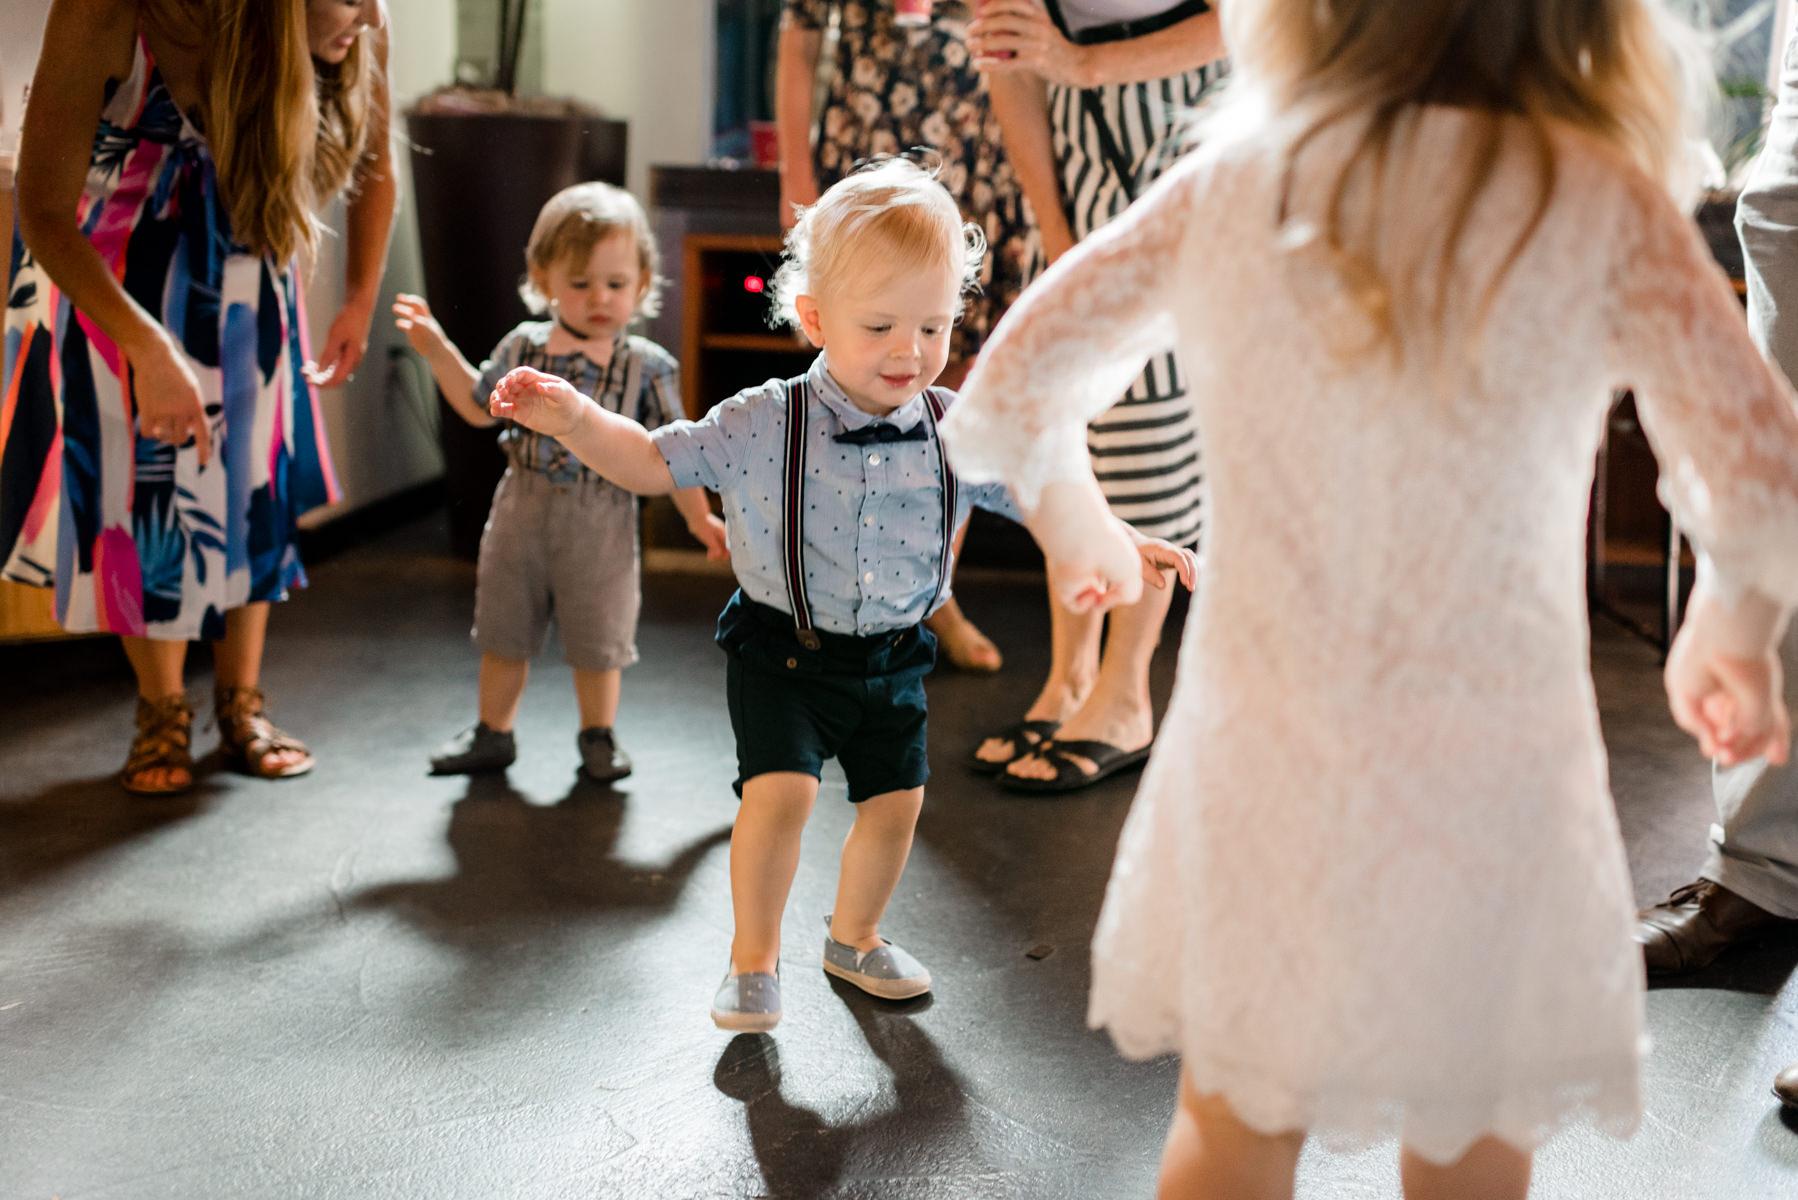 Andrew Tat - Documentary Wedding Photography - WithinSodo - Seattle, Washington -Hilary & Zach - 05.jpg